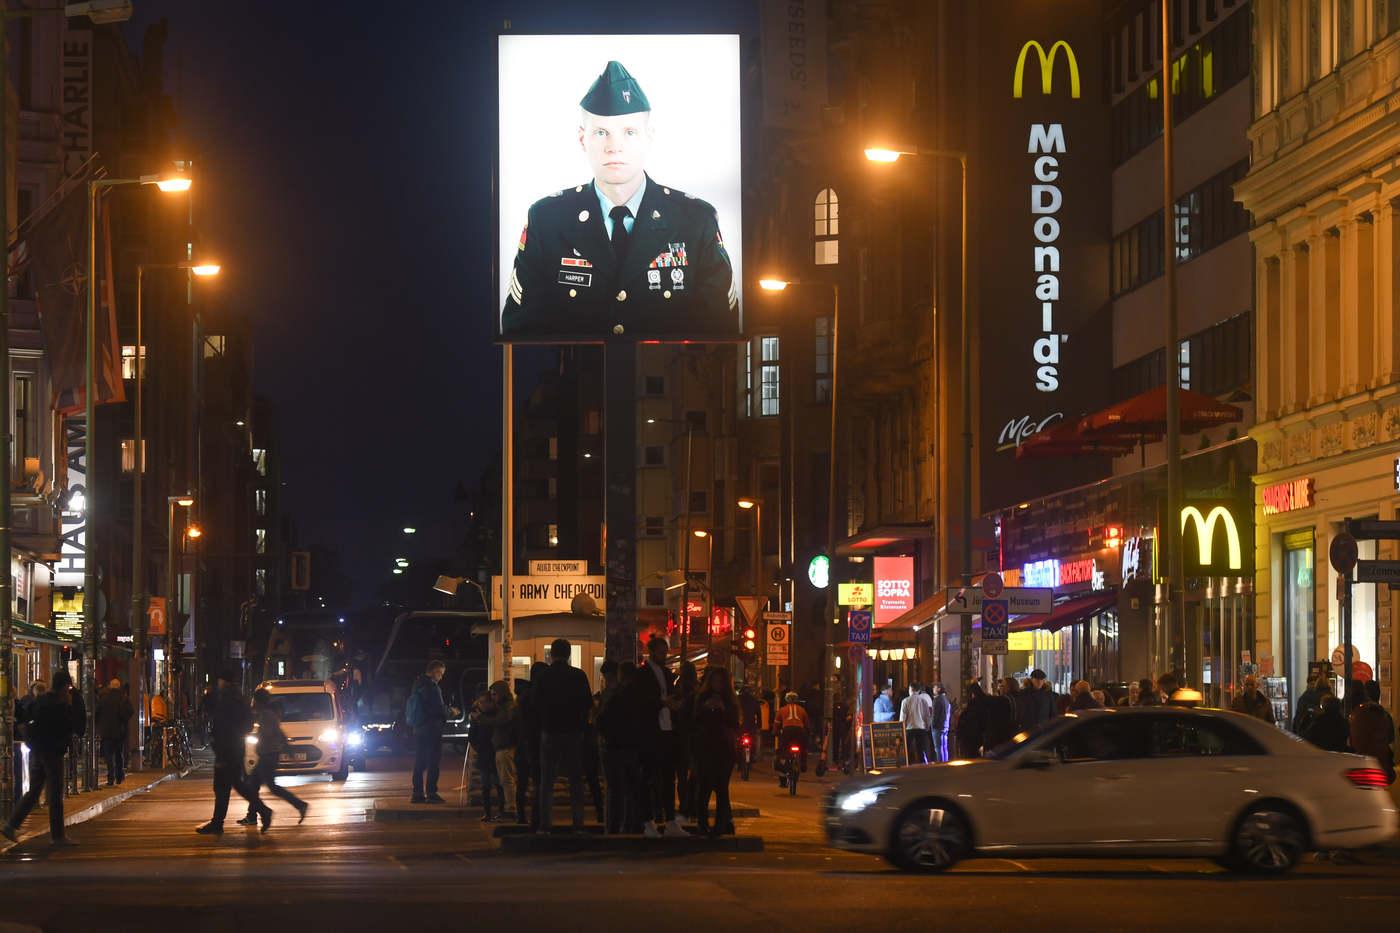 Amerikai katona arcképe jelent meg az egykori amerikai ellenőrzőpont, a Checkpoint Charlie helyén, ahol egykor szembenéztek az amerikai és a szovjet tankok